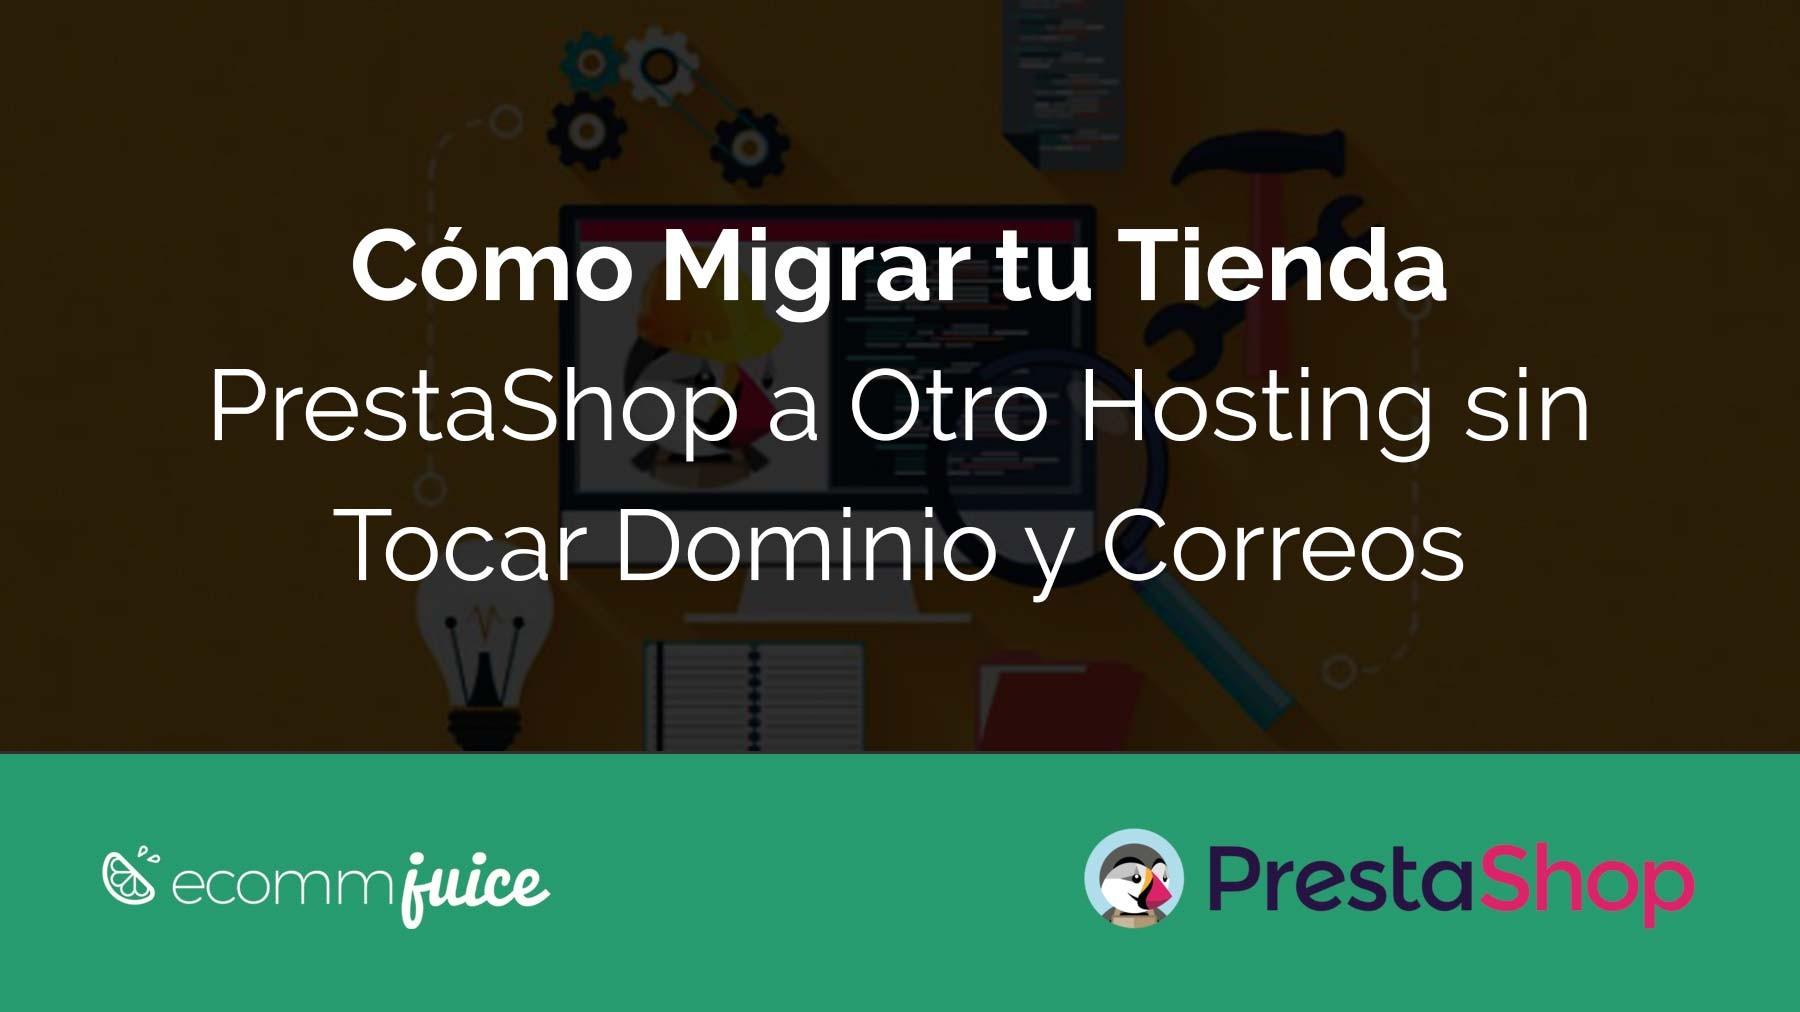 Cómo Migrar tu Tienda Prestashop a Otro Hosting sin Tocar Dominio y Correos.